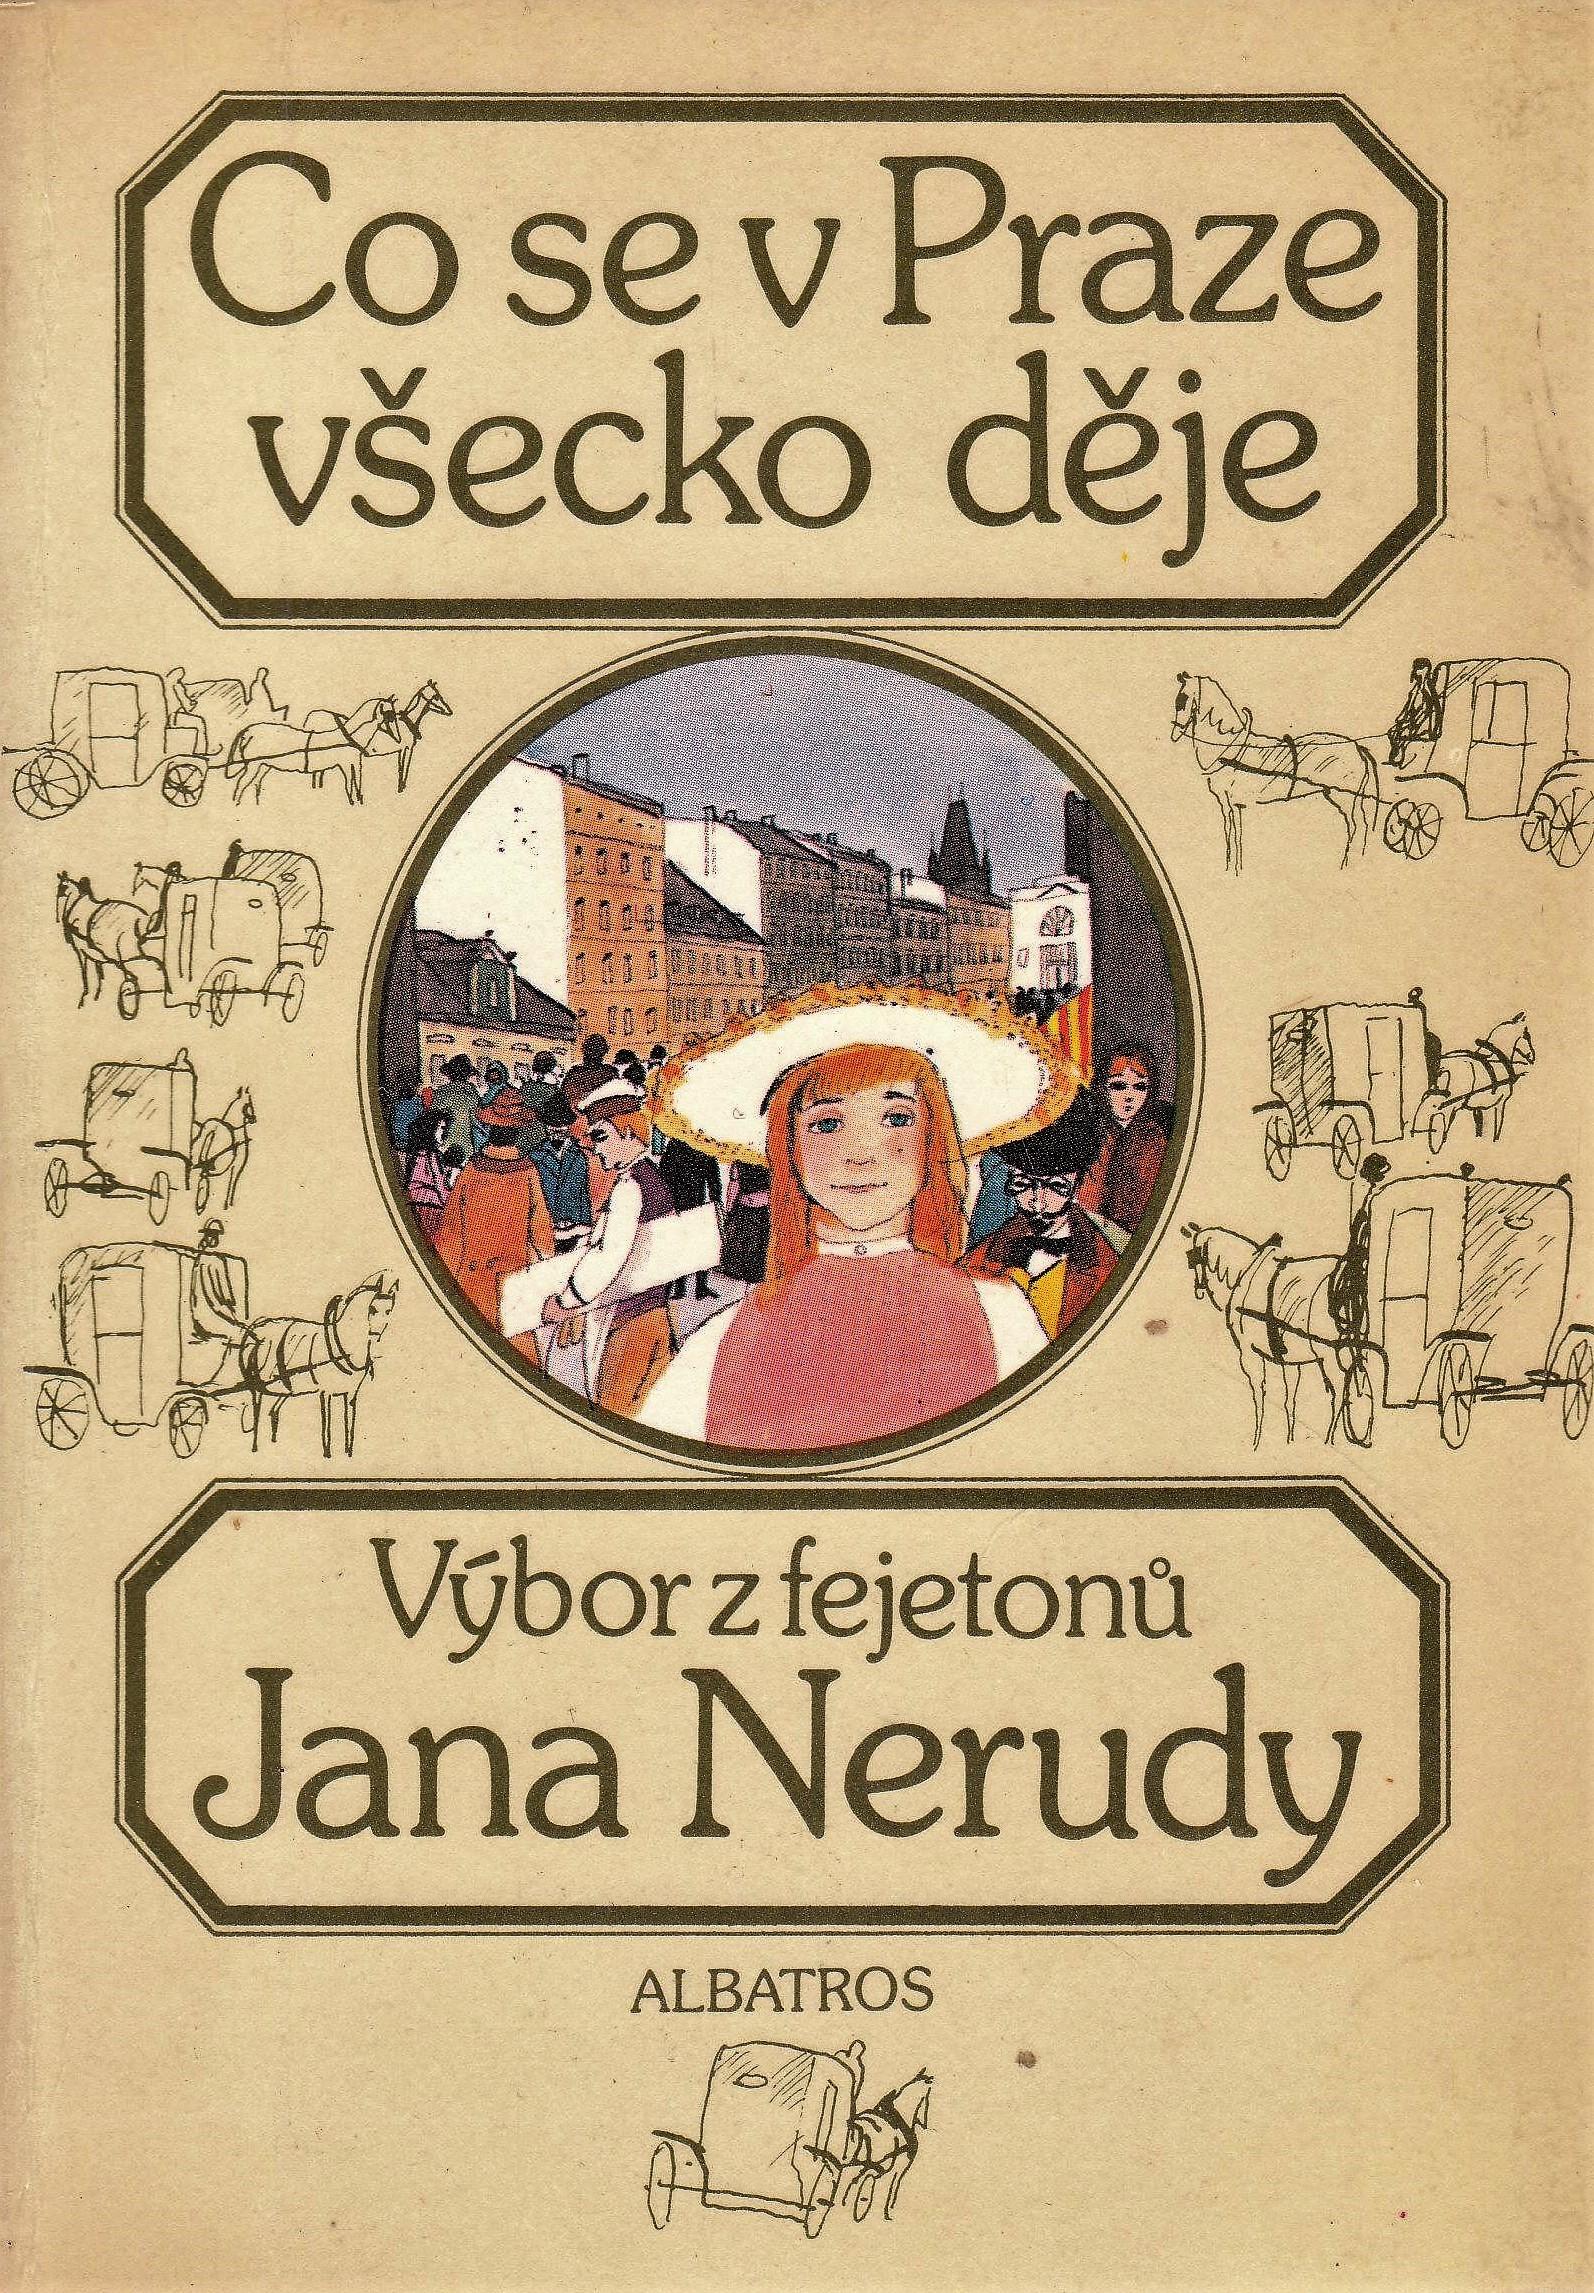 _vyr_12324Vybor-z-fejetonu-Jana-Nerudy---Co-se-v-Praze-vsecko-deje